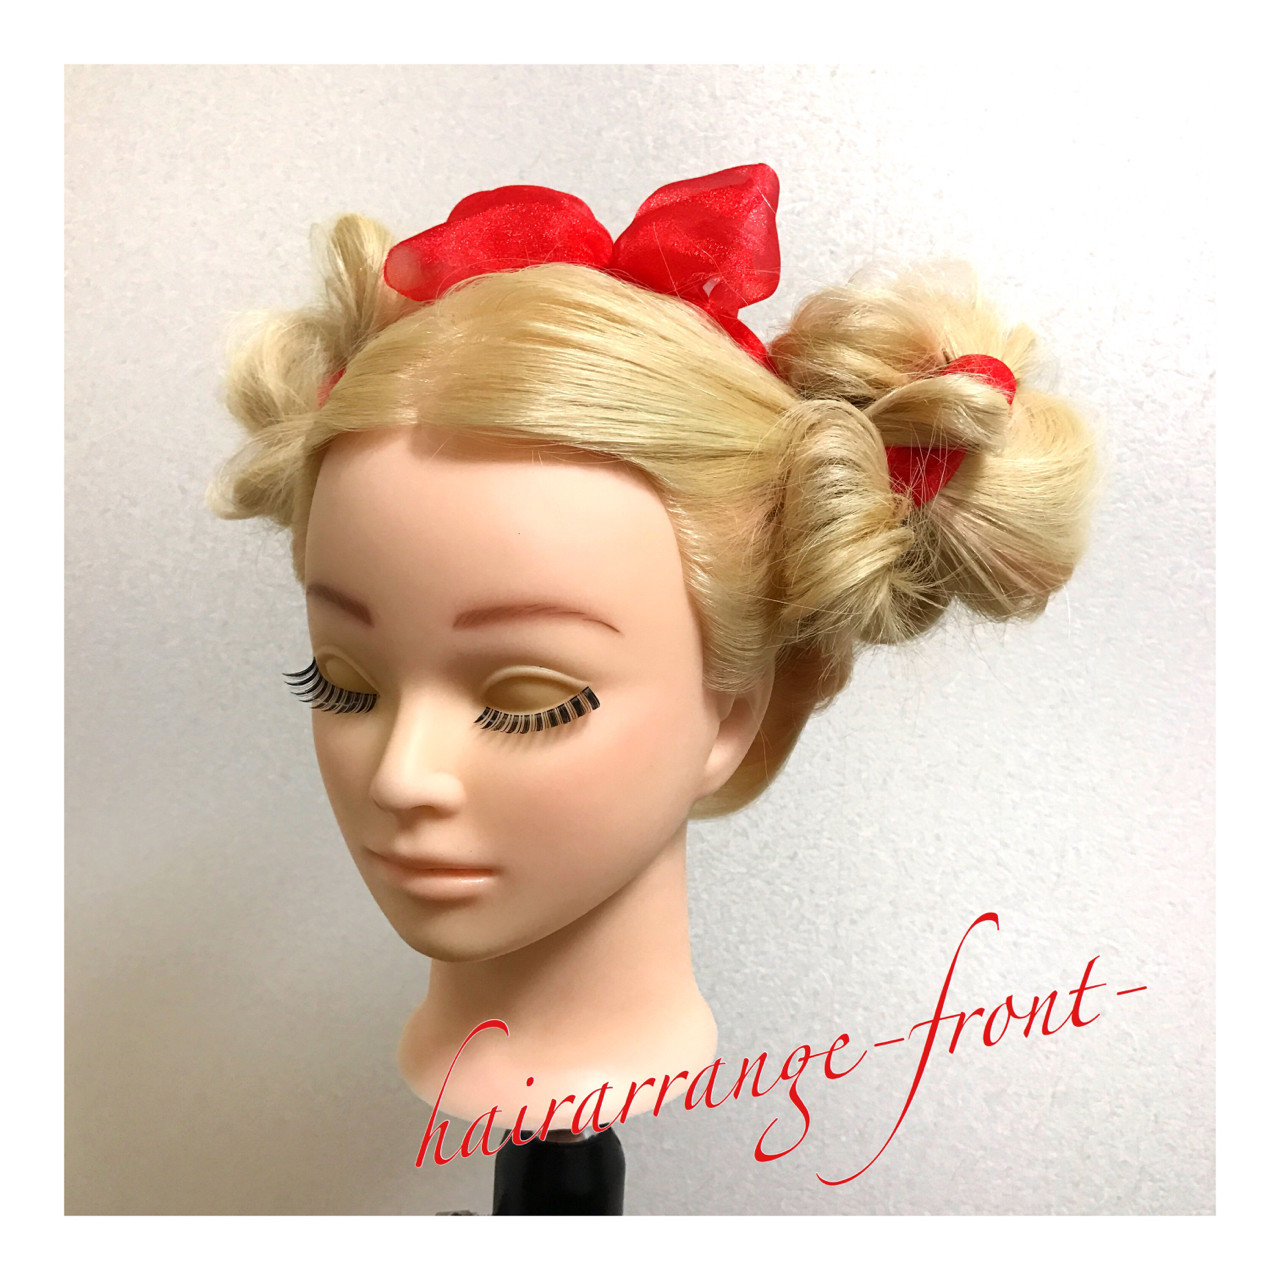 ヘアアレンジ お団子 ゆるふわ 三つ編み ヘアスタイルや髪型の写真・画像